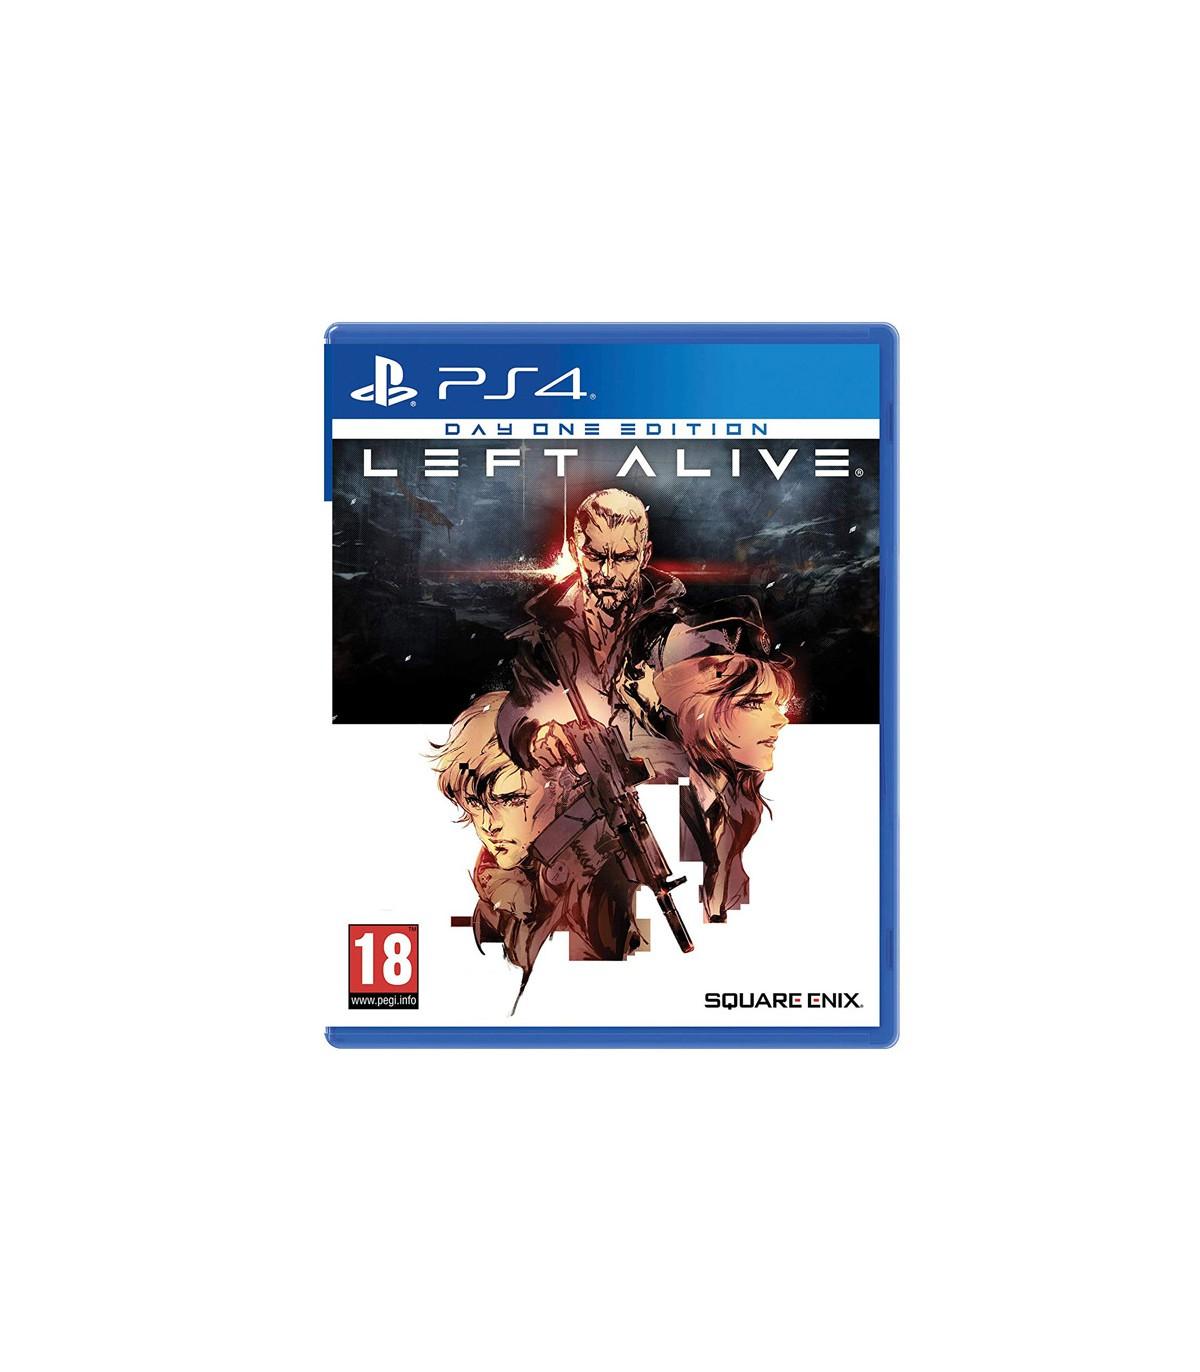 بازی Left Alive کارکرده - پلی استیشن 4